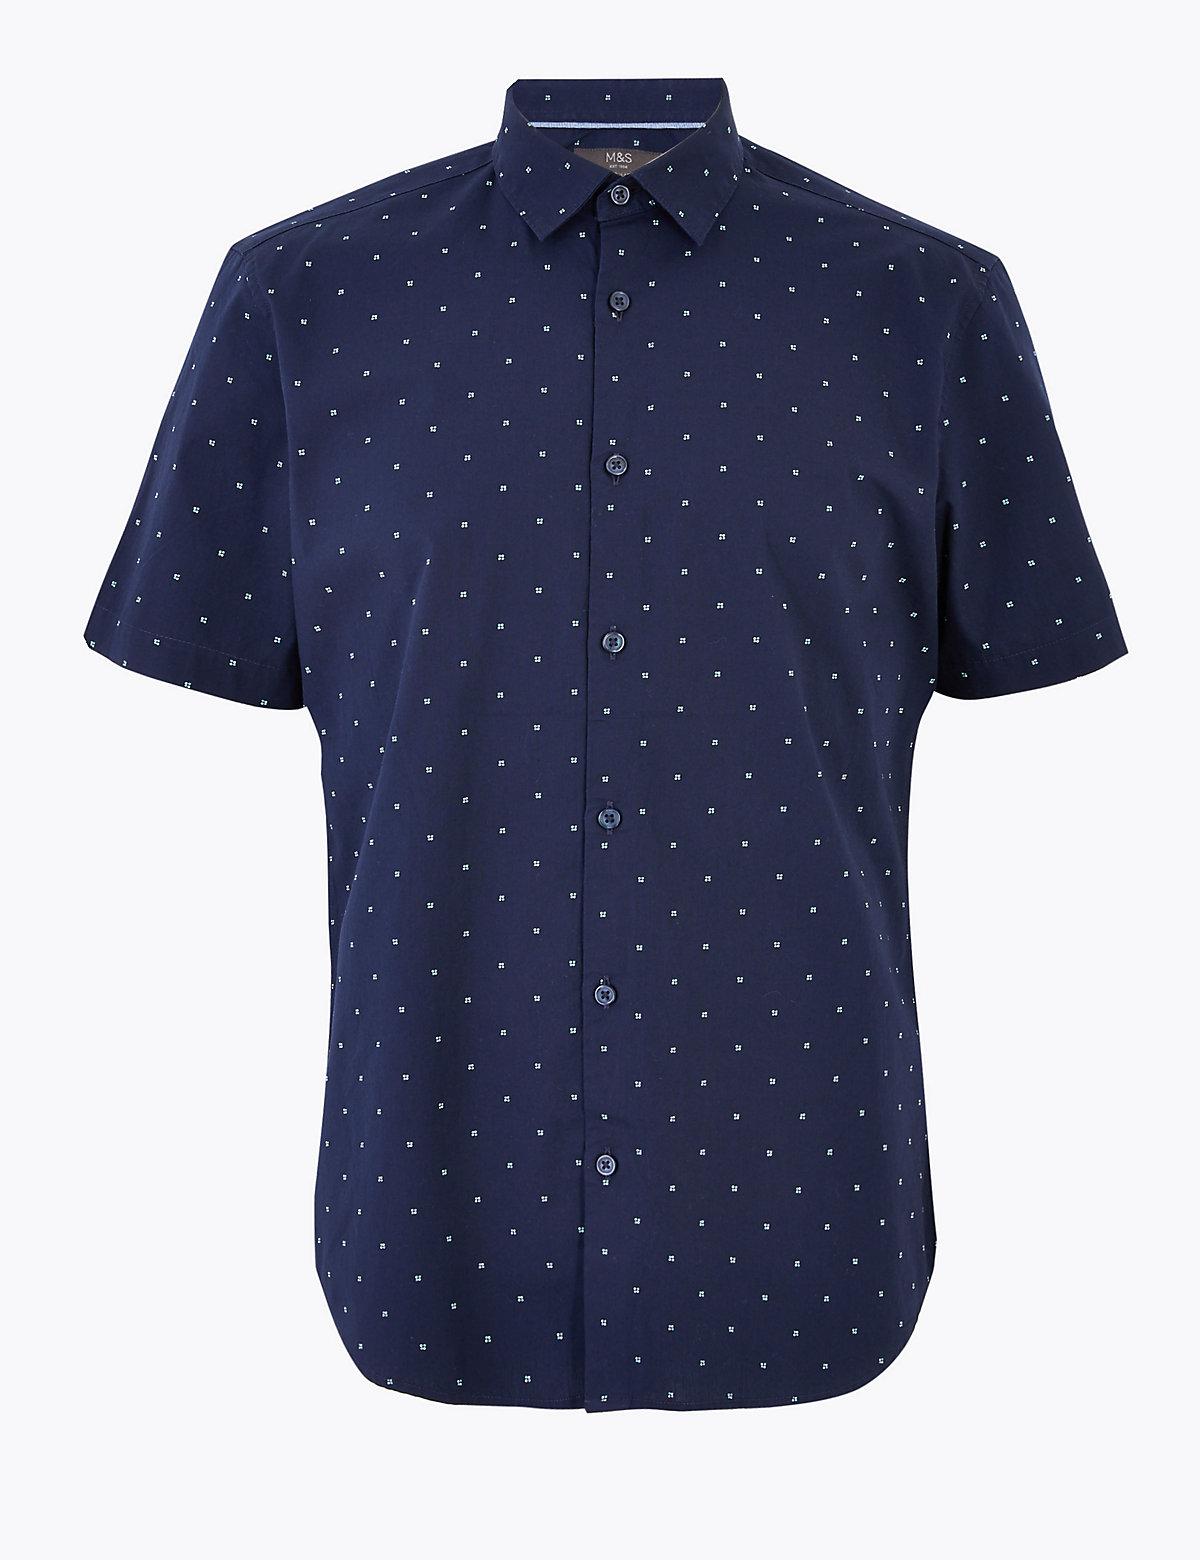 Рубашка из чистого хлопка с принтом в виде геометрических точек